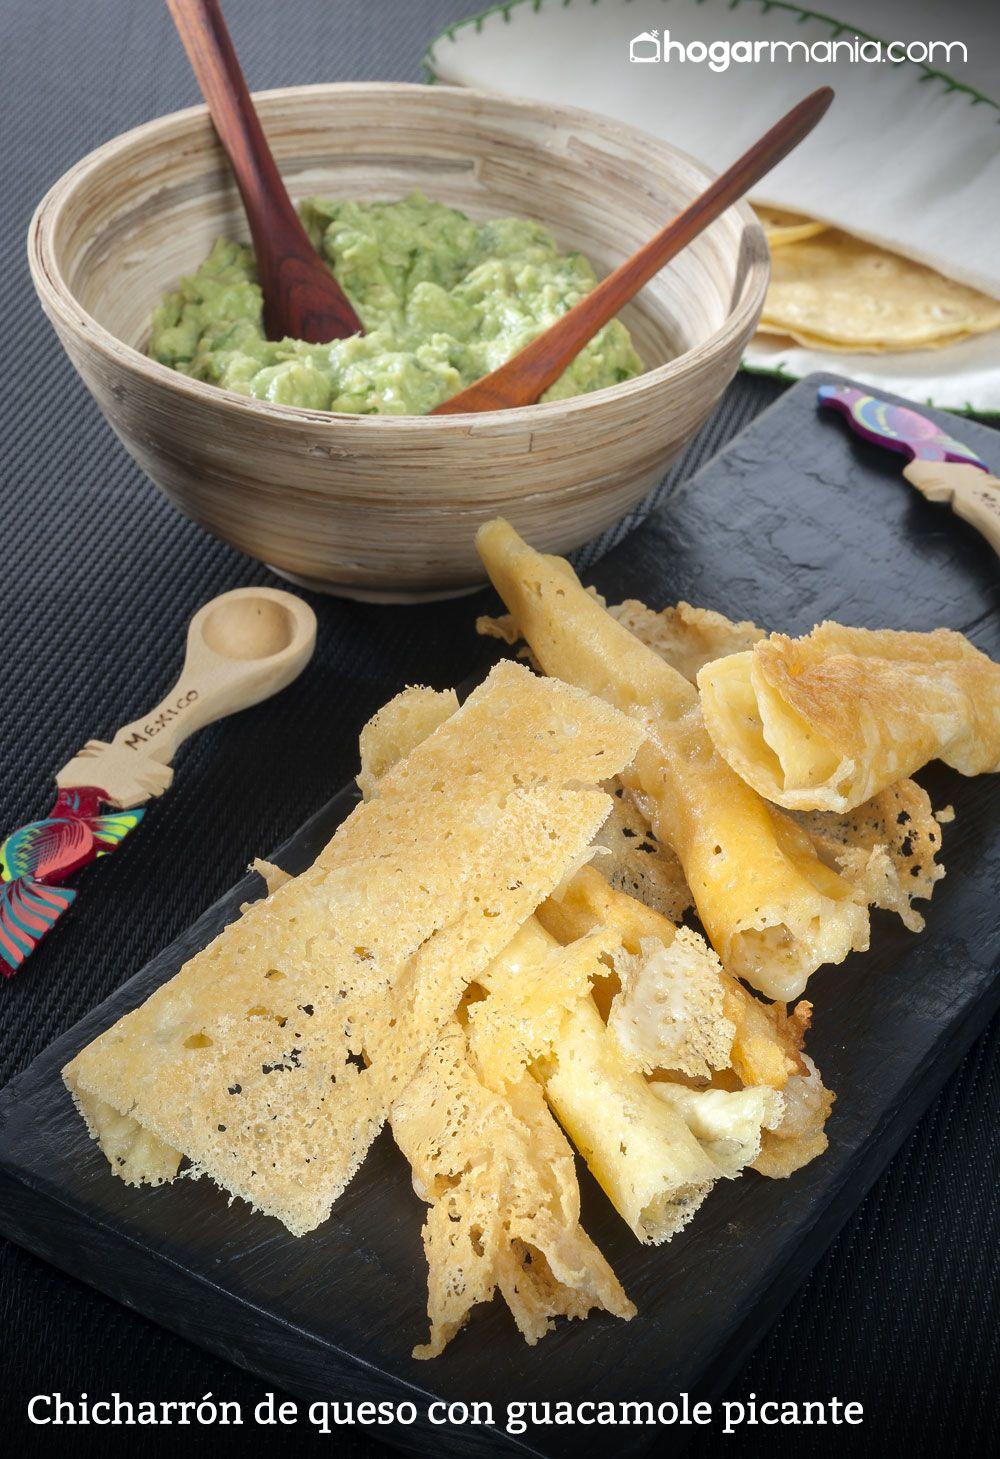 chicharrón de queso con guacamole picante